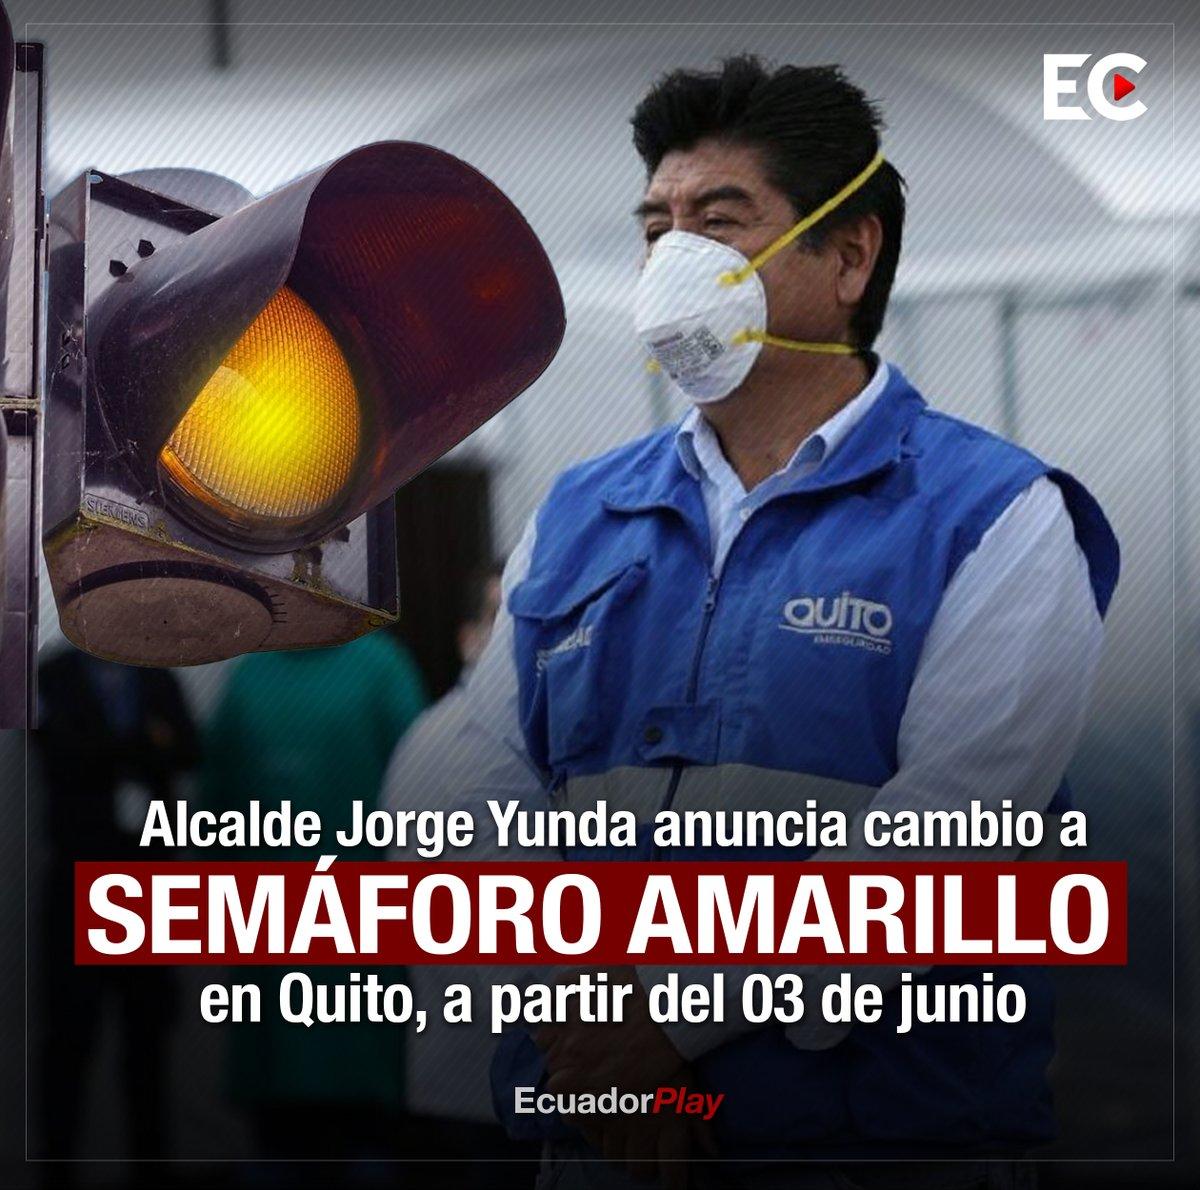 """El alcalde de #Quito, Jorge Yunda, informó que en 8 días se cambiará el color del semáforo a amarillo, """"hemos decidido mantener el semáforo rojo y solicitar transición a amarillo en 8 días basados en criterios científicos, y precautelando el bien de la ciudad. No al cara o sello"""" https://t.co/qKJOJdodo0"""